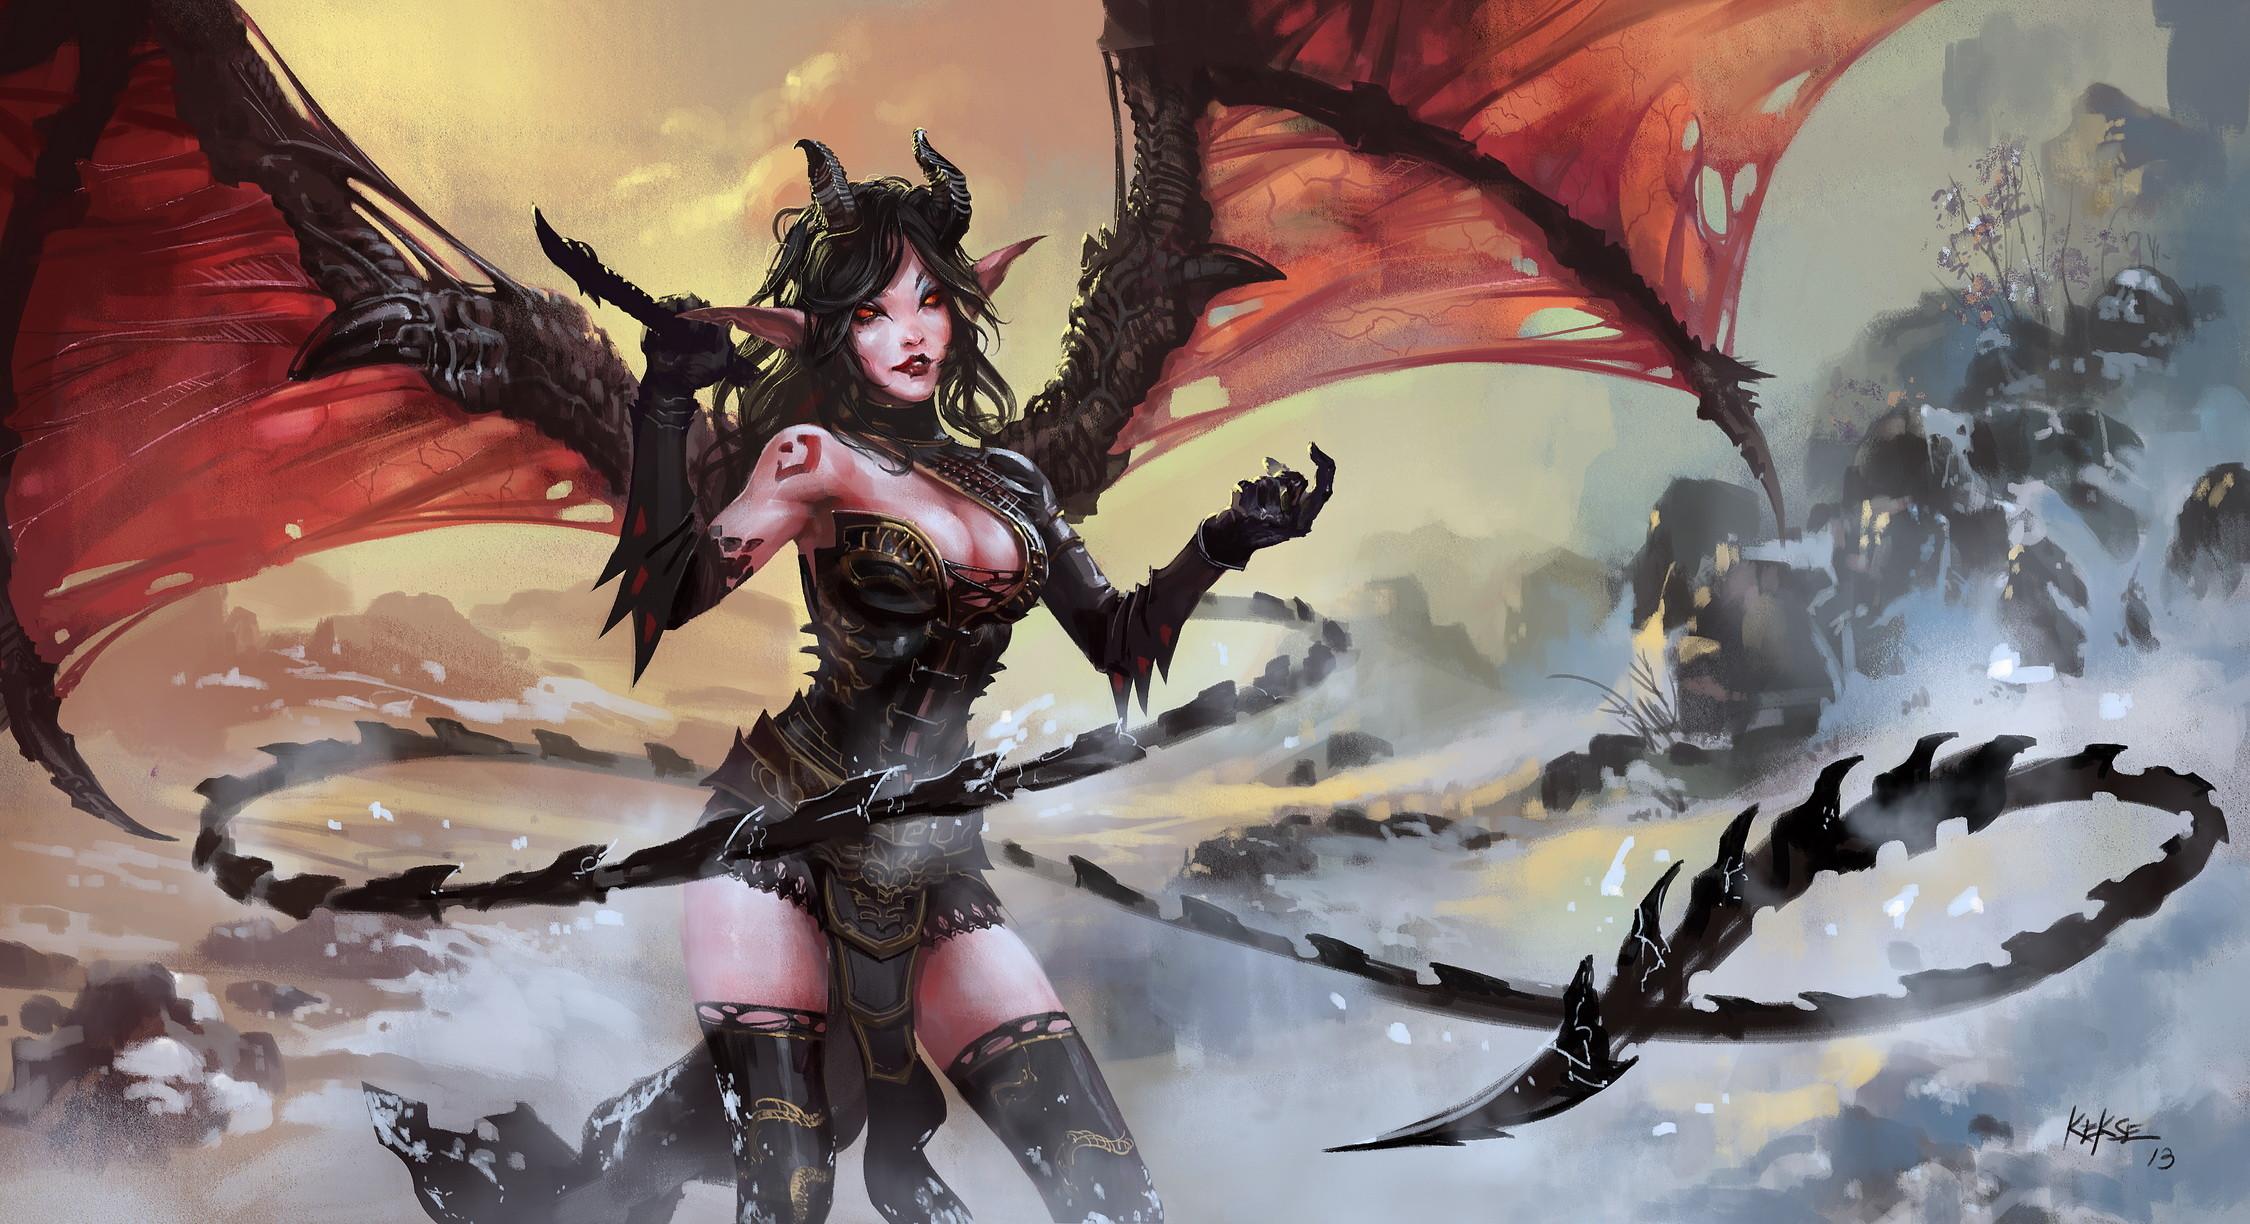 Fantasy Demon Monster Horror Wallpaper Female Demon Wallpaper Hd